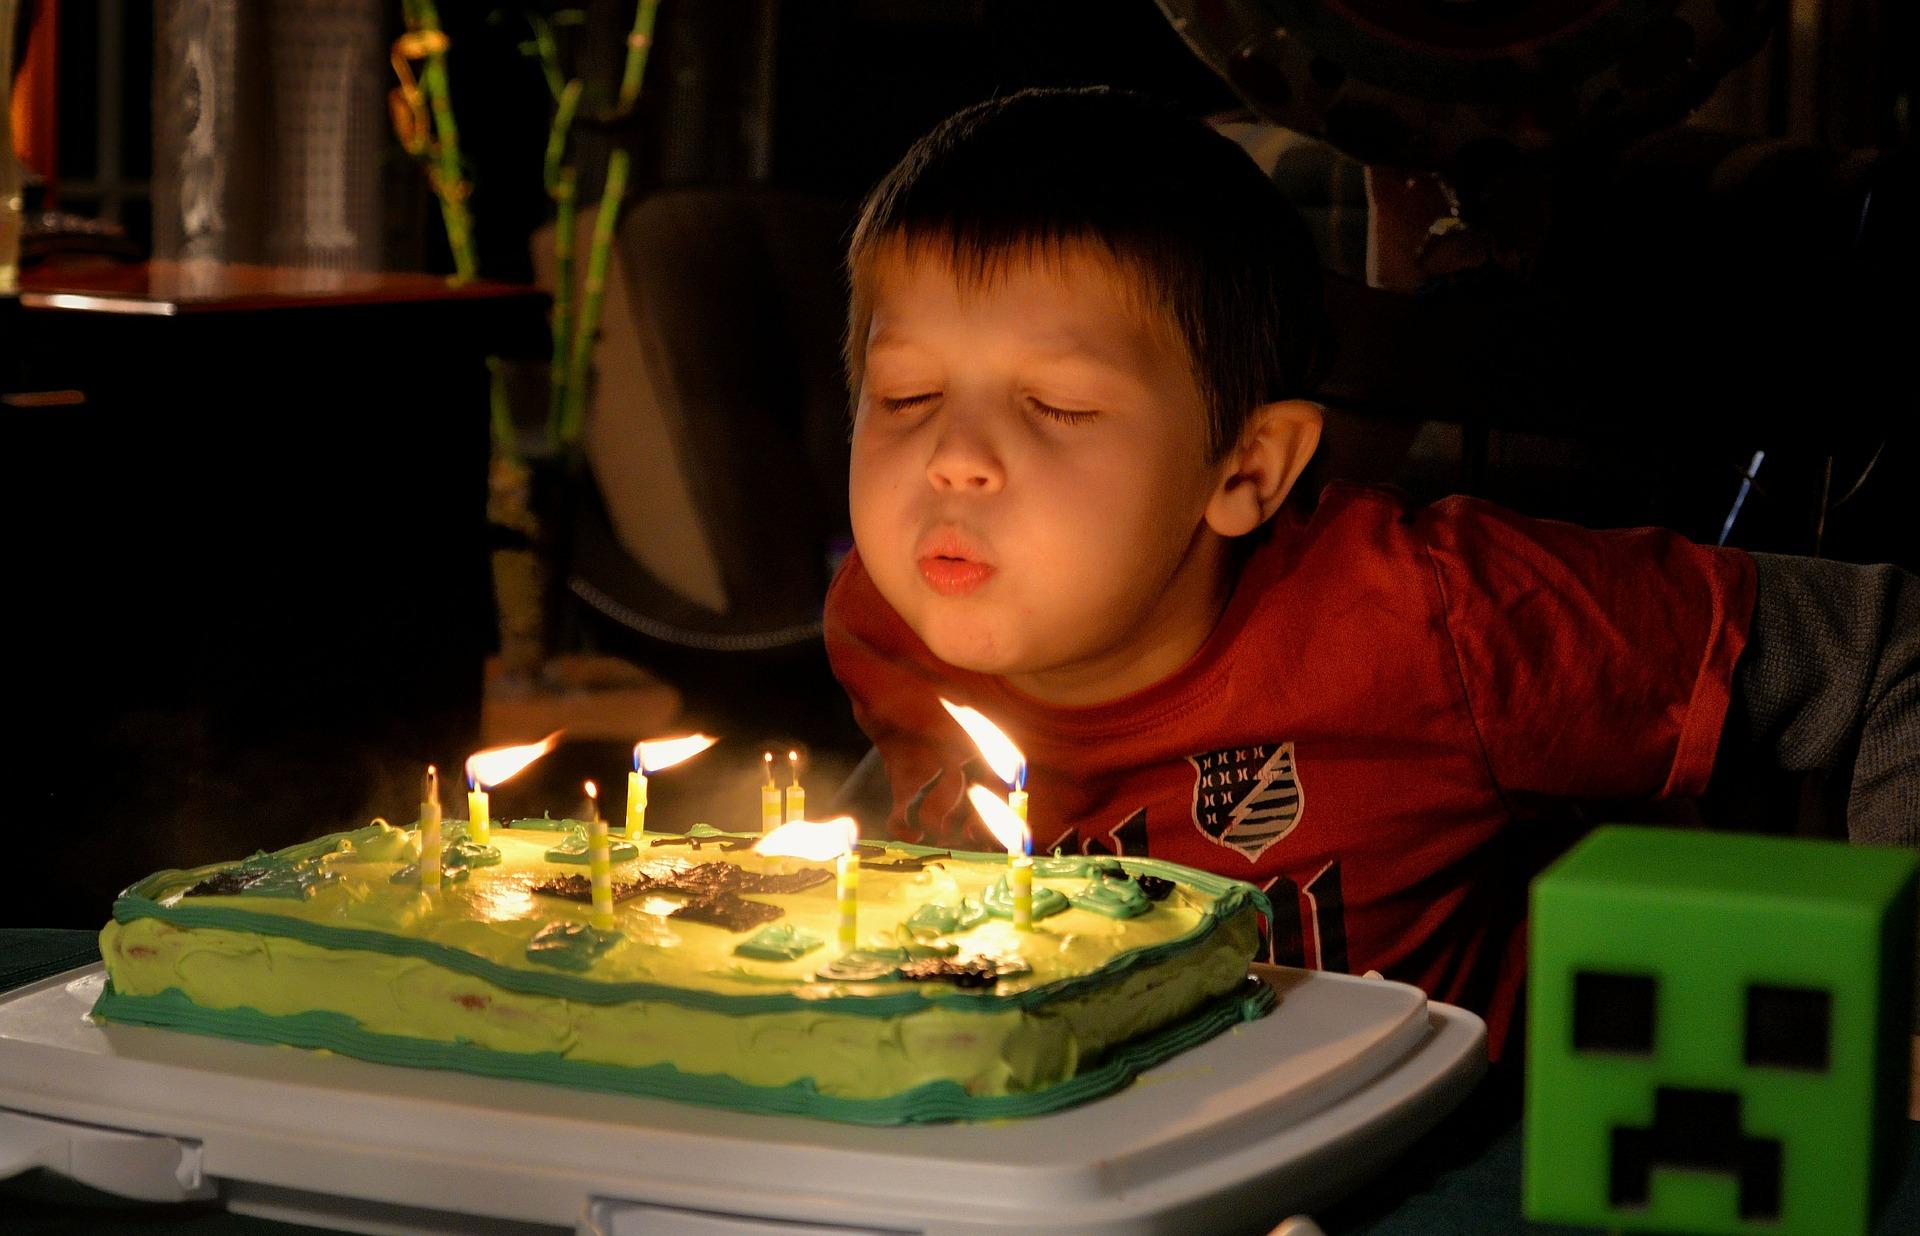 Tolle Geburtstagsfeier mit Minecraft-Motto